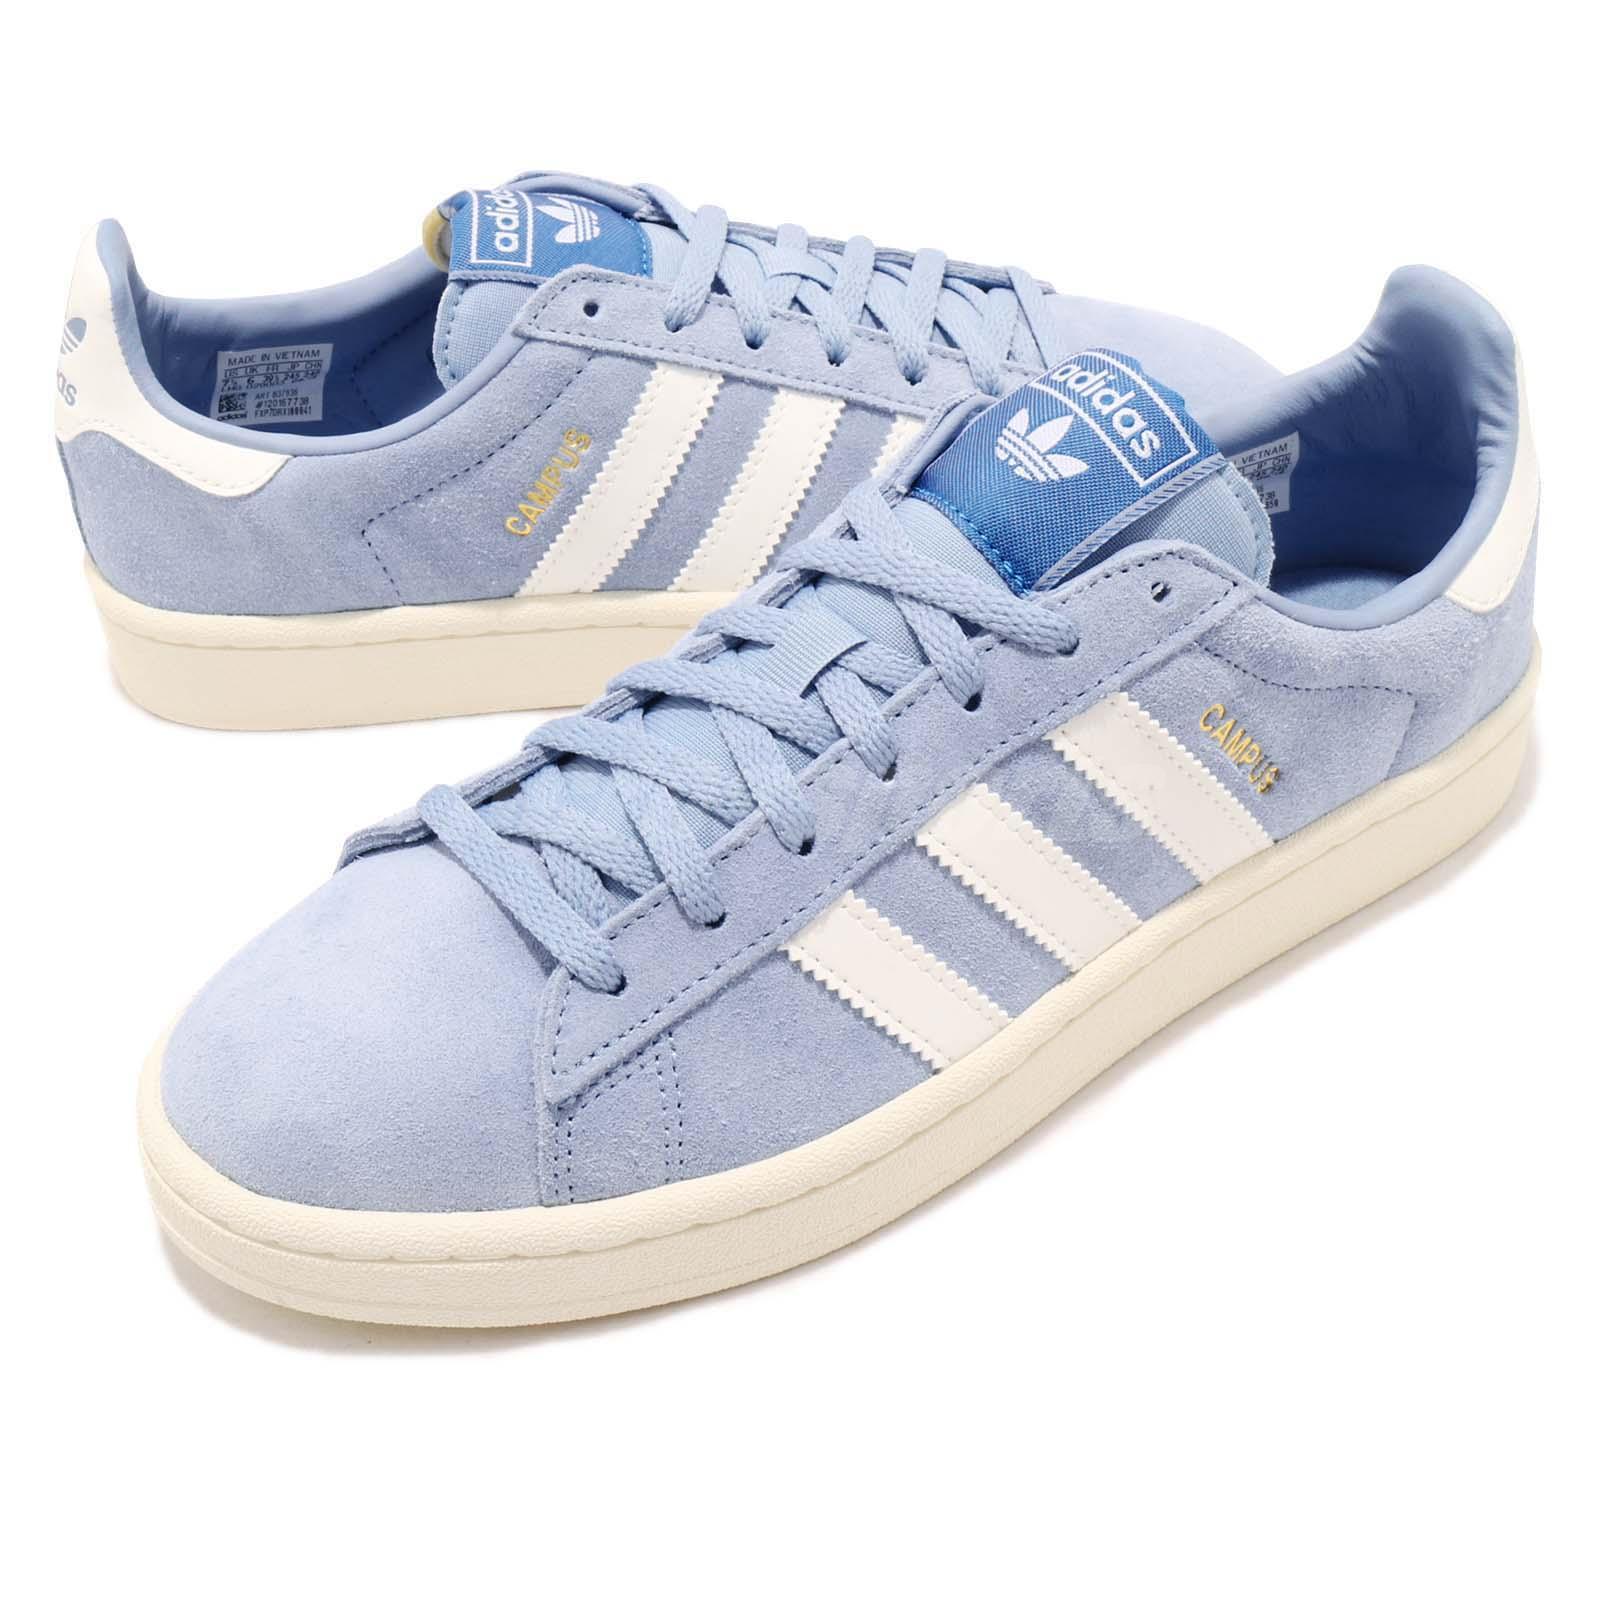 Détails sur adidas Originals Campus W Ash Blue White Women Casual Shoes Sneakers B37936